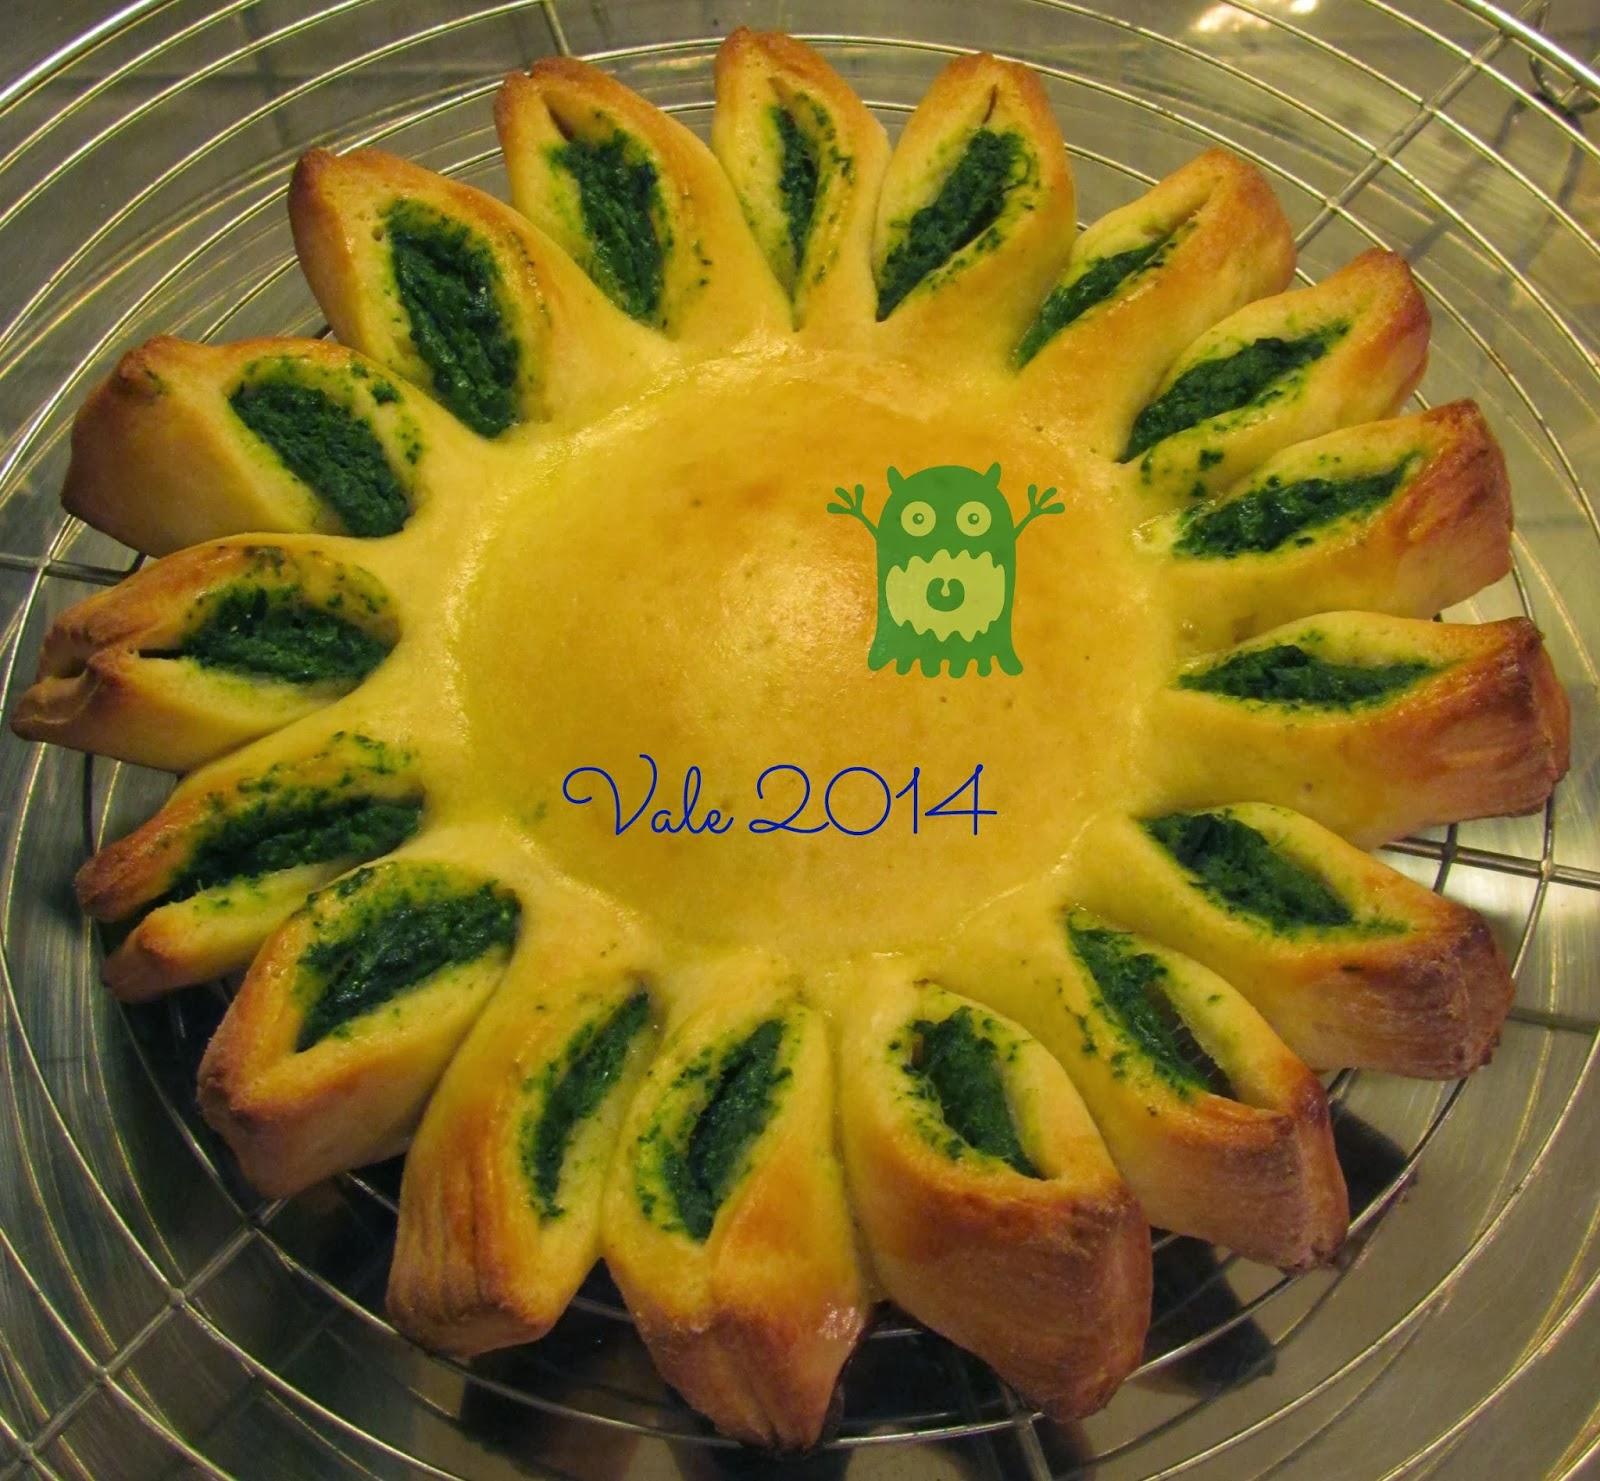 In Cucina Senza Glutine Ricette E Cucina Per Celiaci: Sole Con Pasta  #B78D14 1600 1481 Cucina Mediterranea Senza Glutine